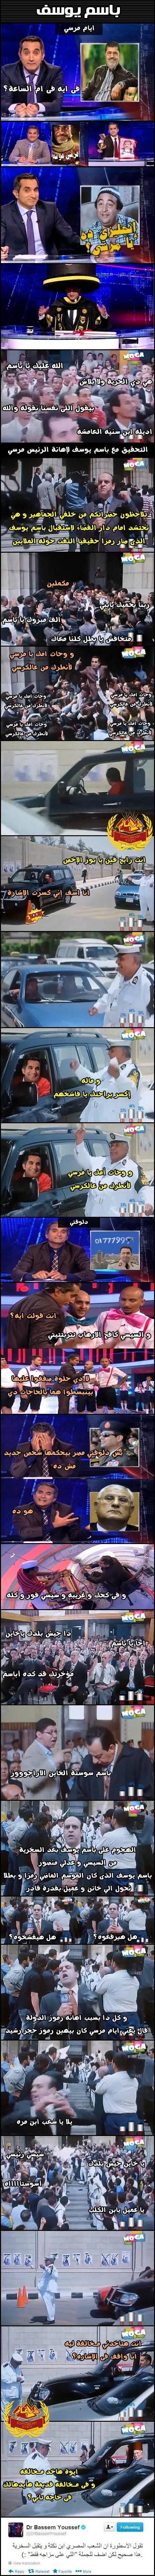 باسم يوسف والسيسي ومحمد مرسي تريقة فى البرنامج